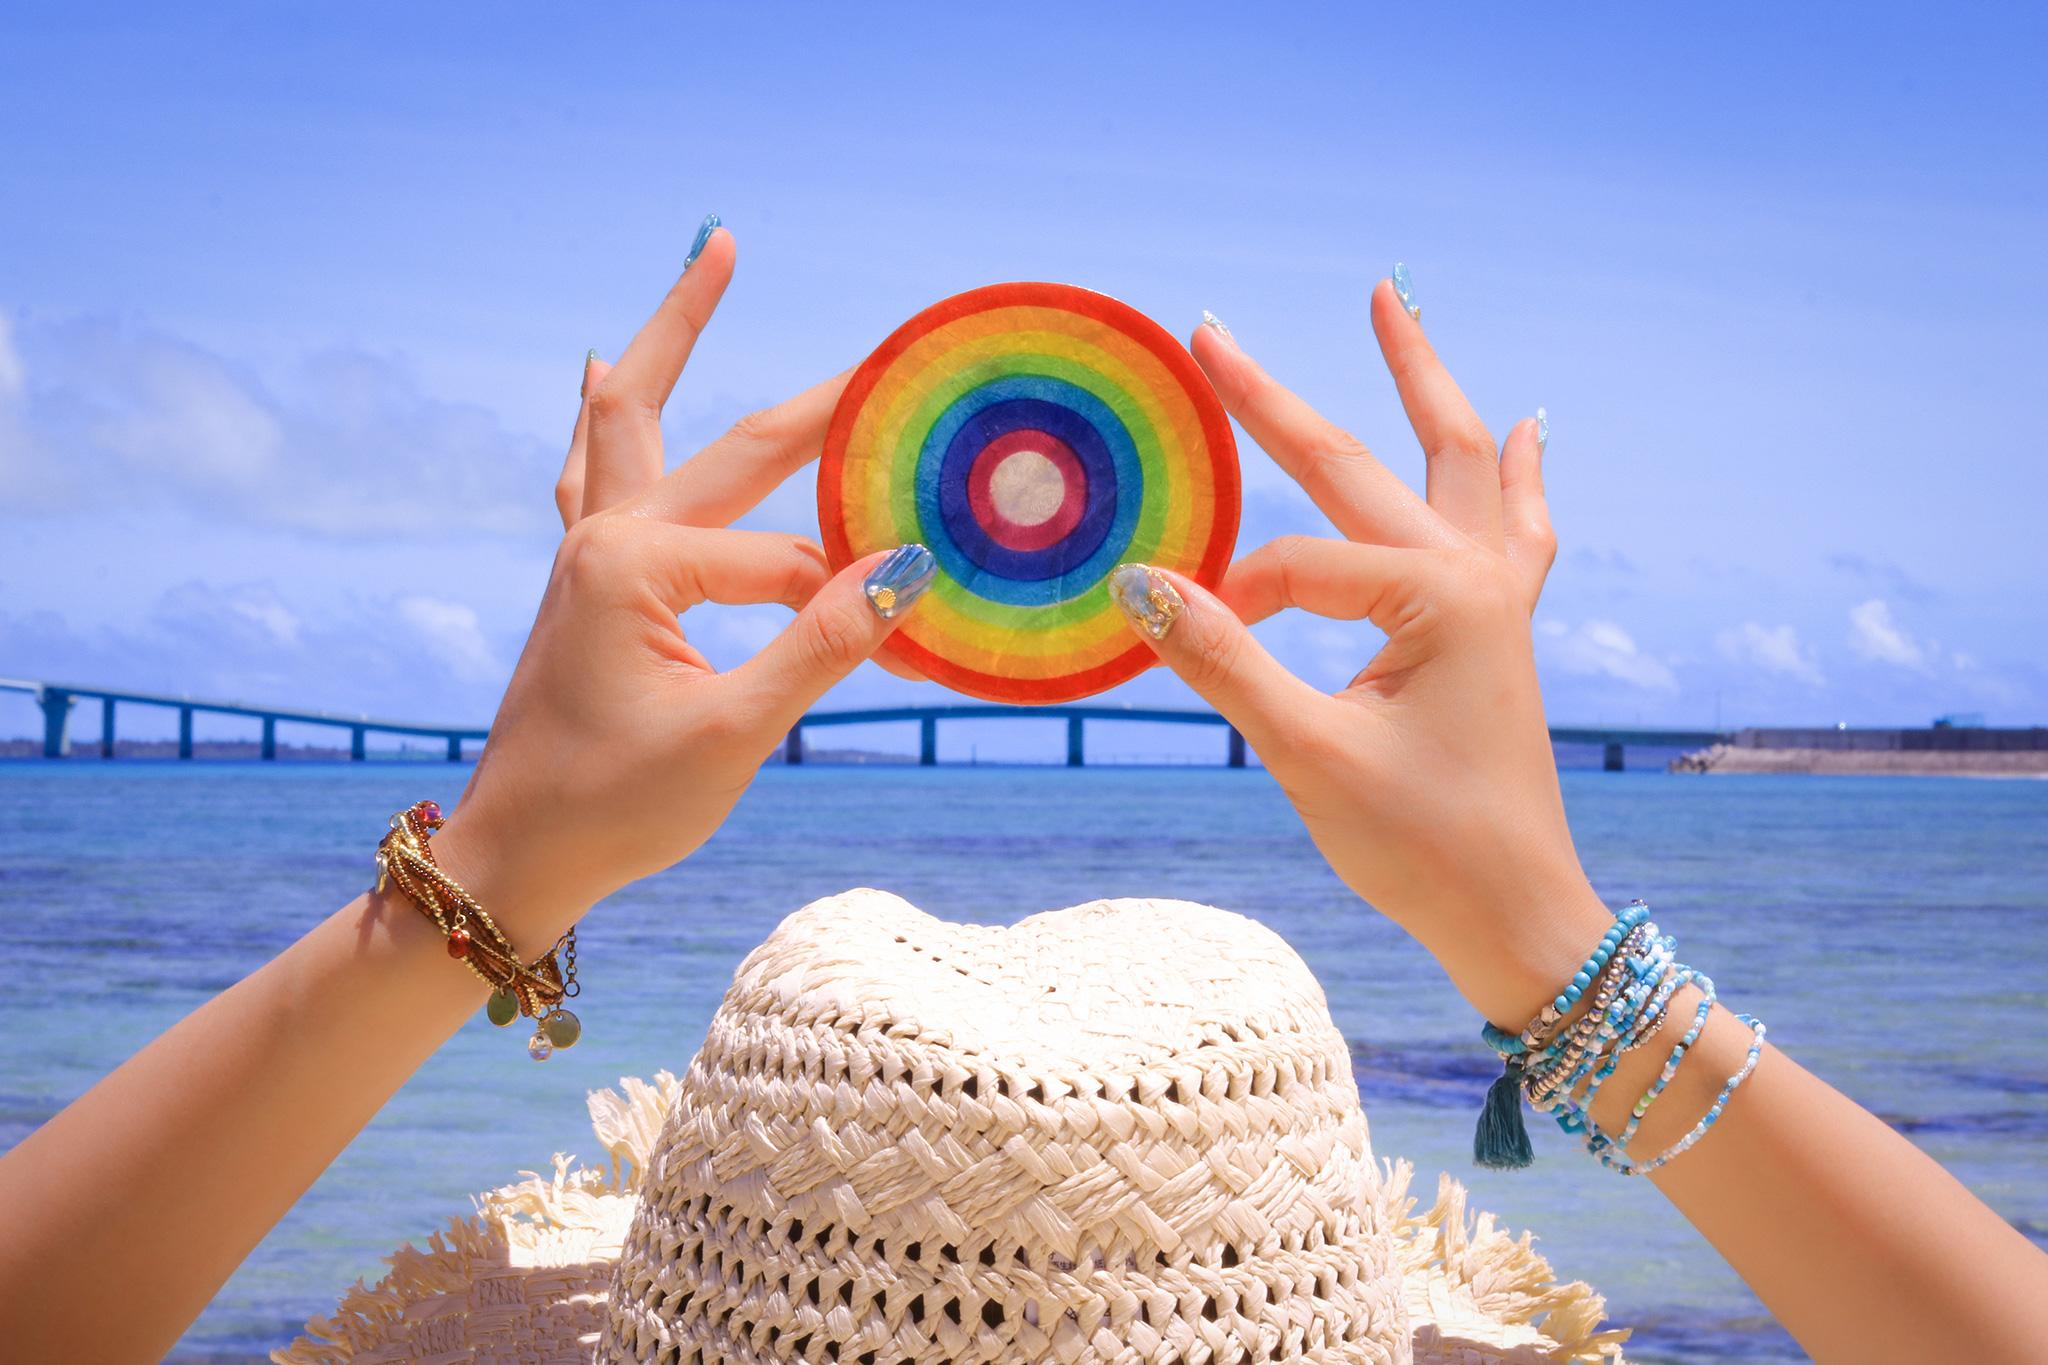 夏の海と虹色のソーサー(メリットのイメージ)